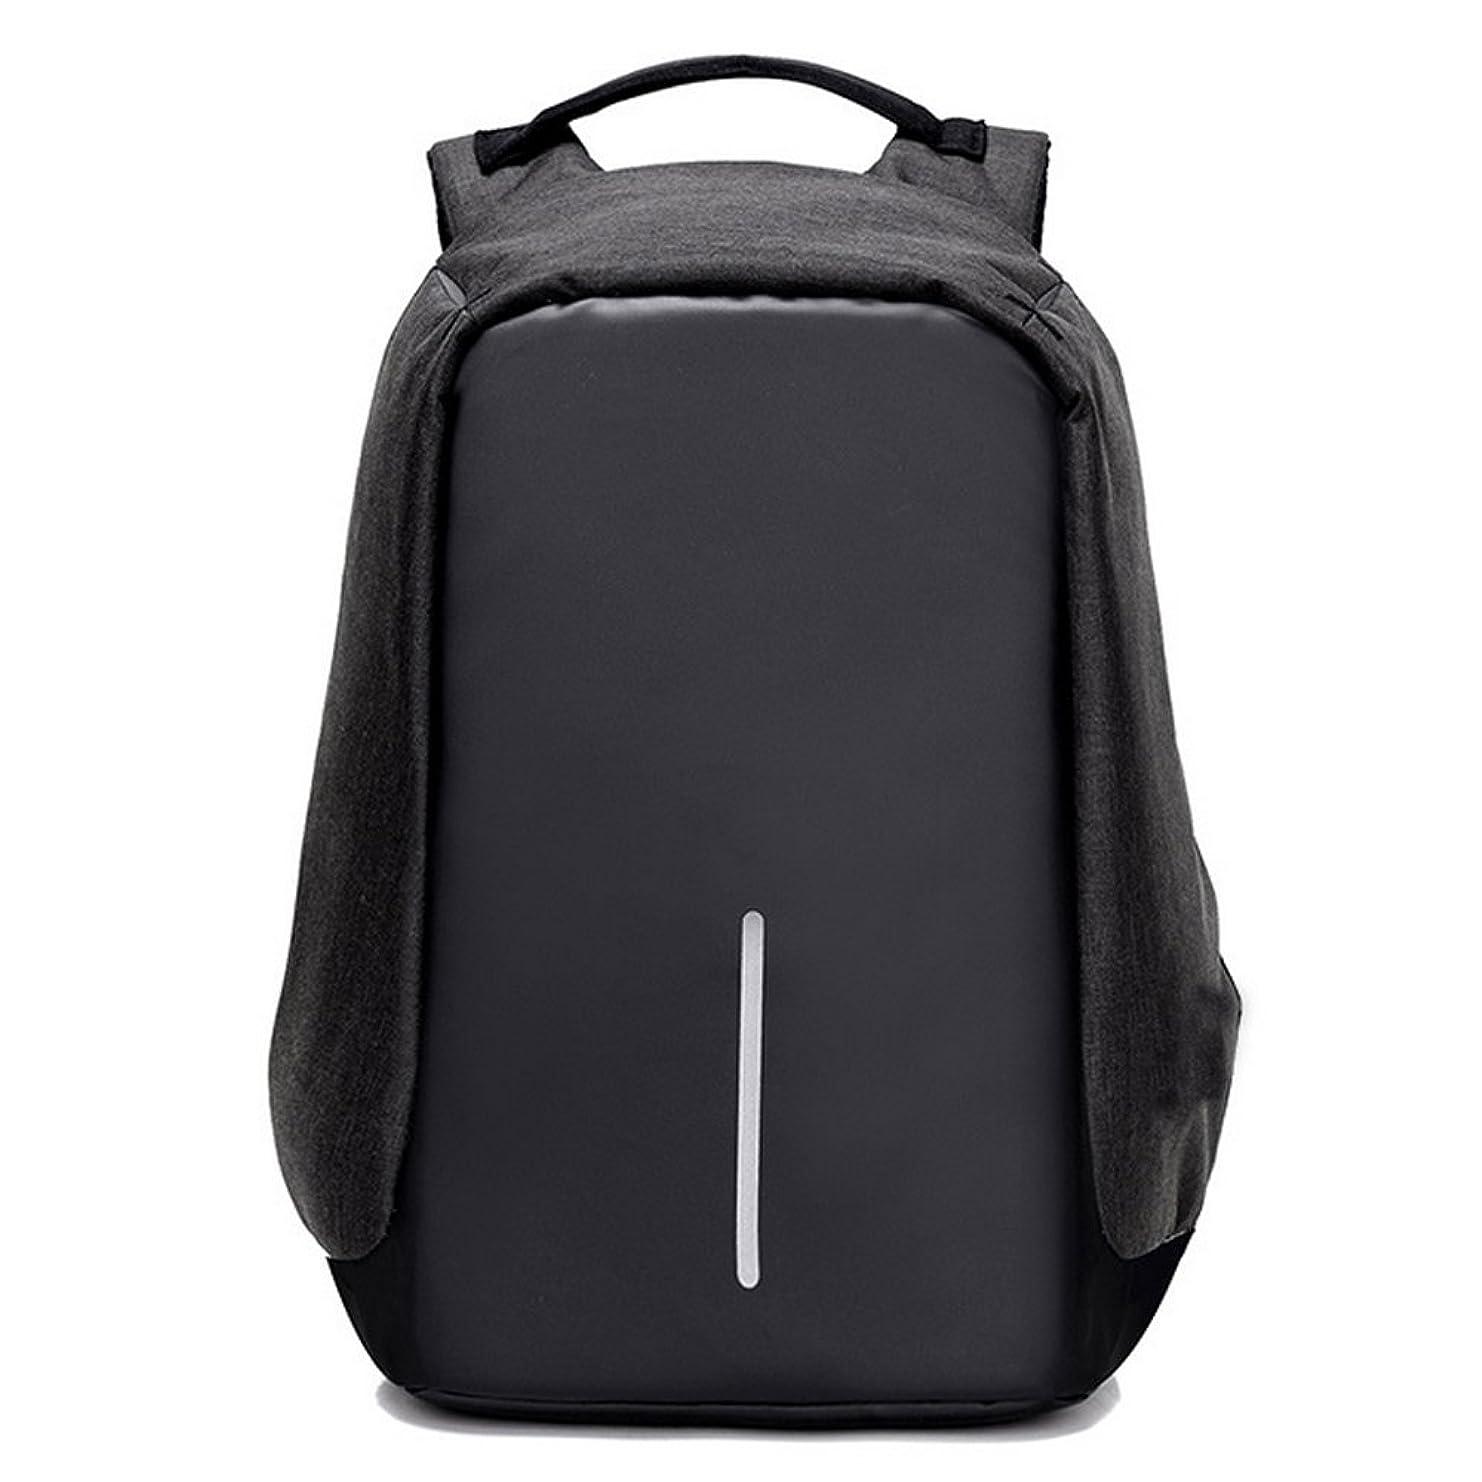 動的晩餐慎重にpelisy多機能15インチノートパソコンバックパックwith USB充電ポート旅行バッグforレディース&メンズ ブラック